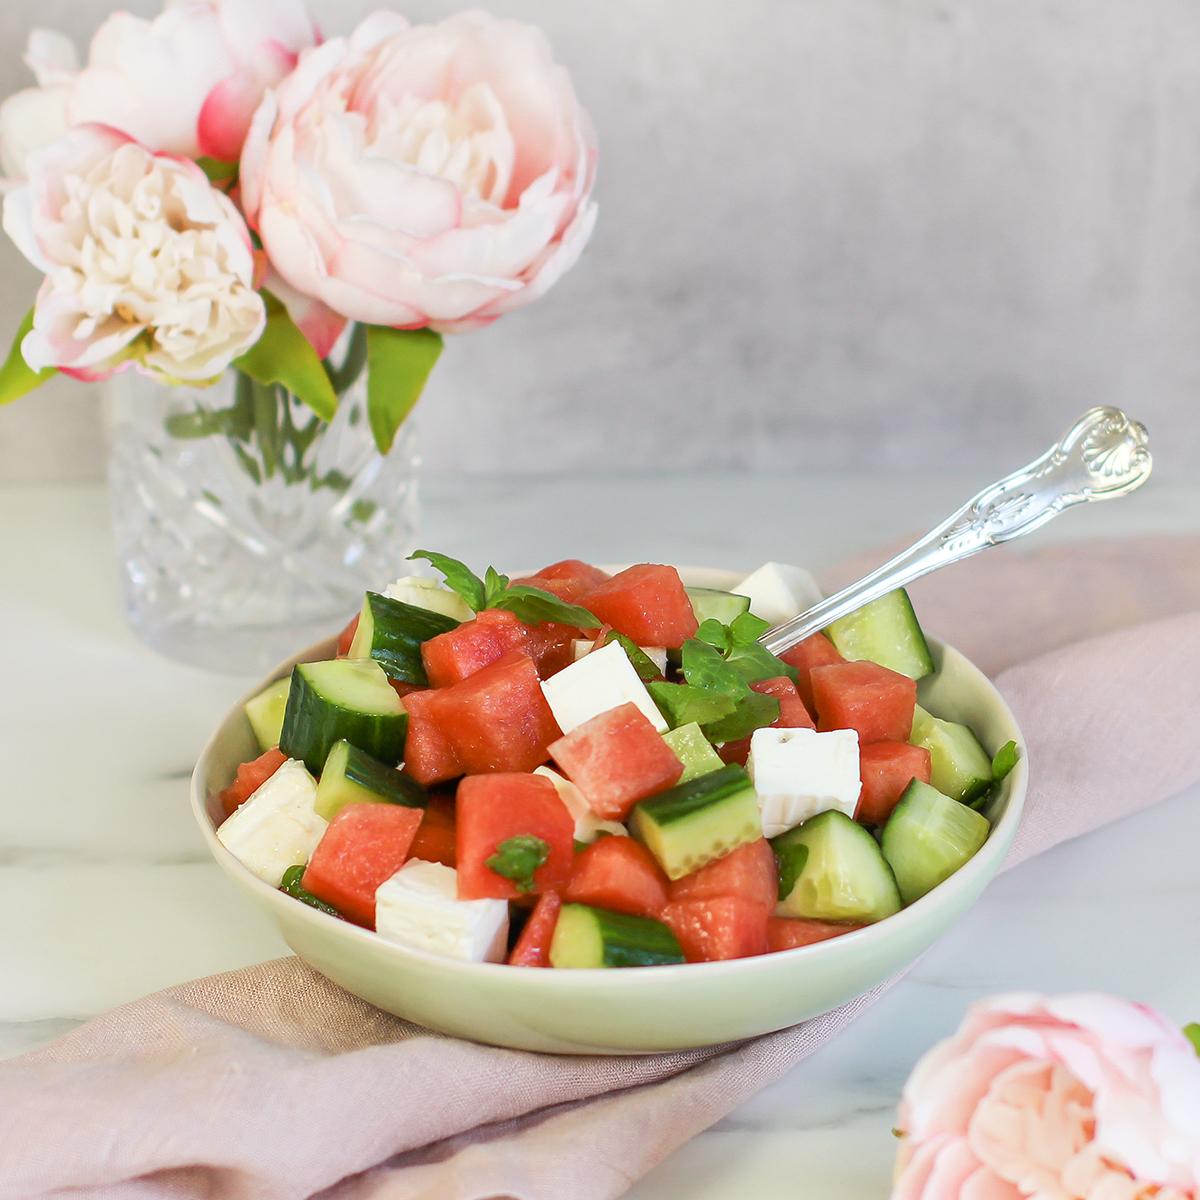 vannmelonsalat med fetaost